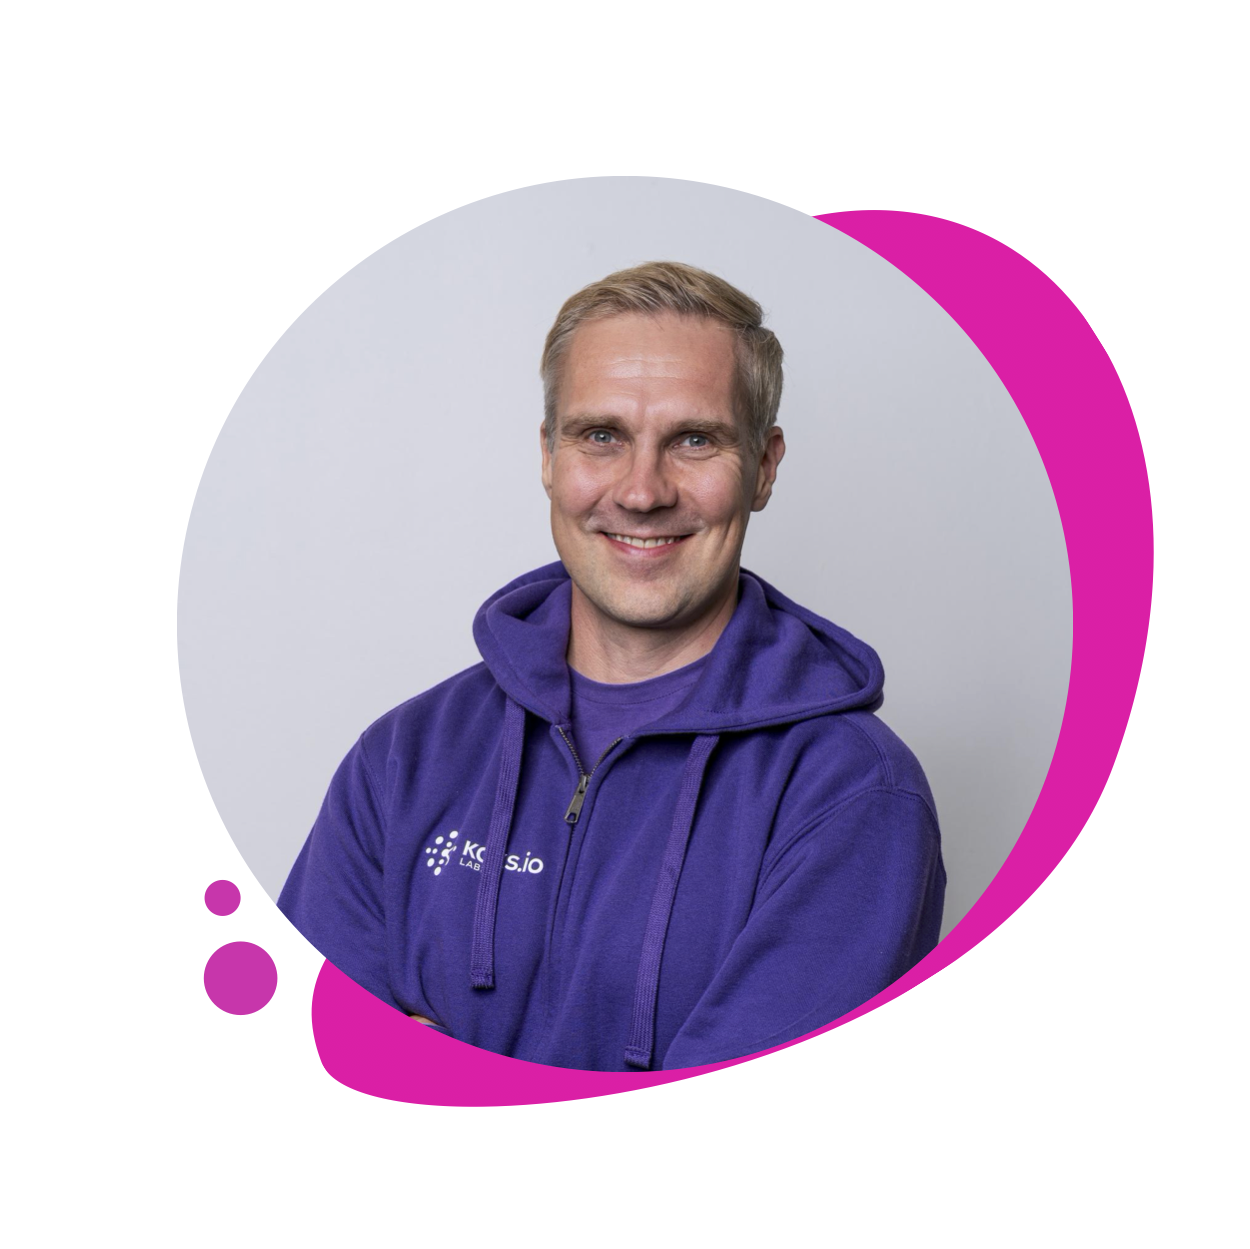 Juha Leppänen, Kaks.io Labs